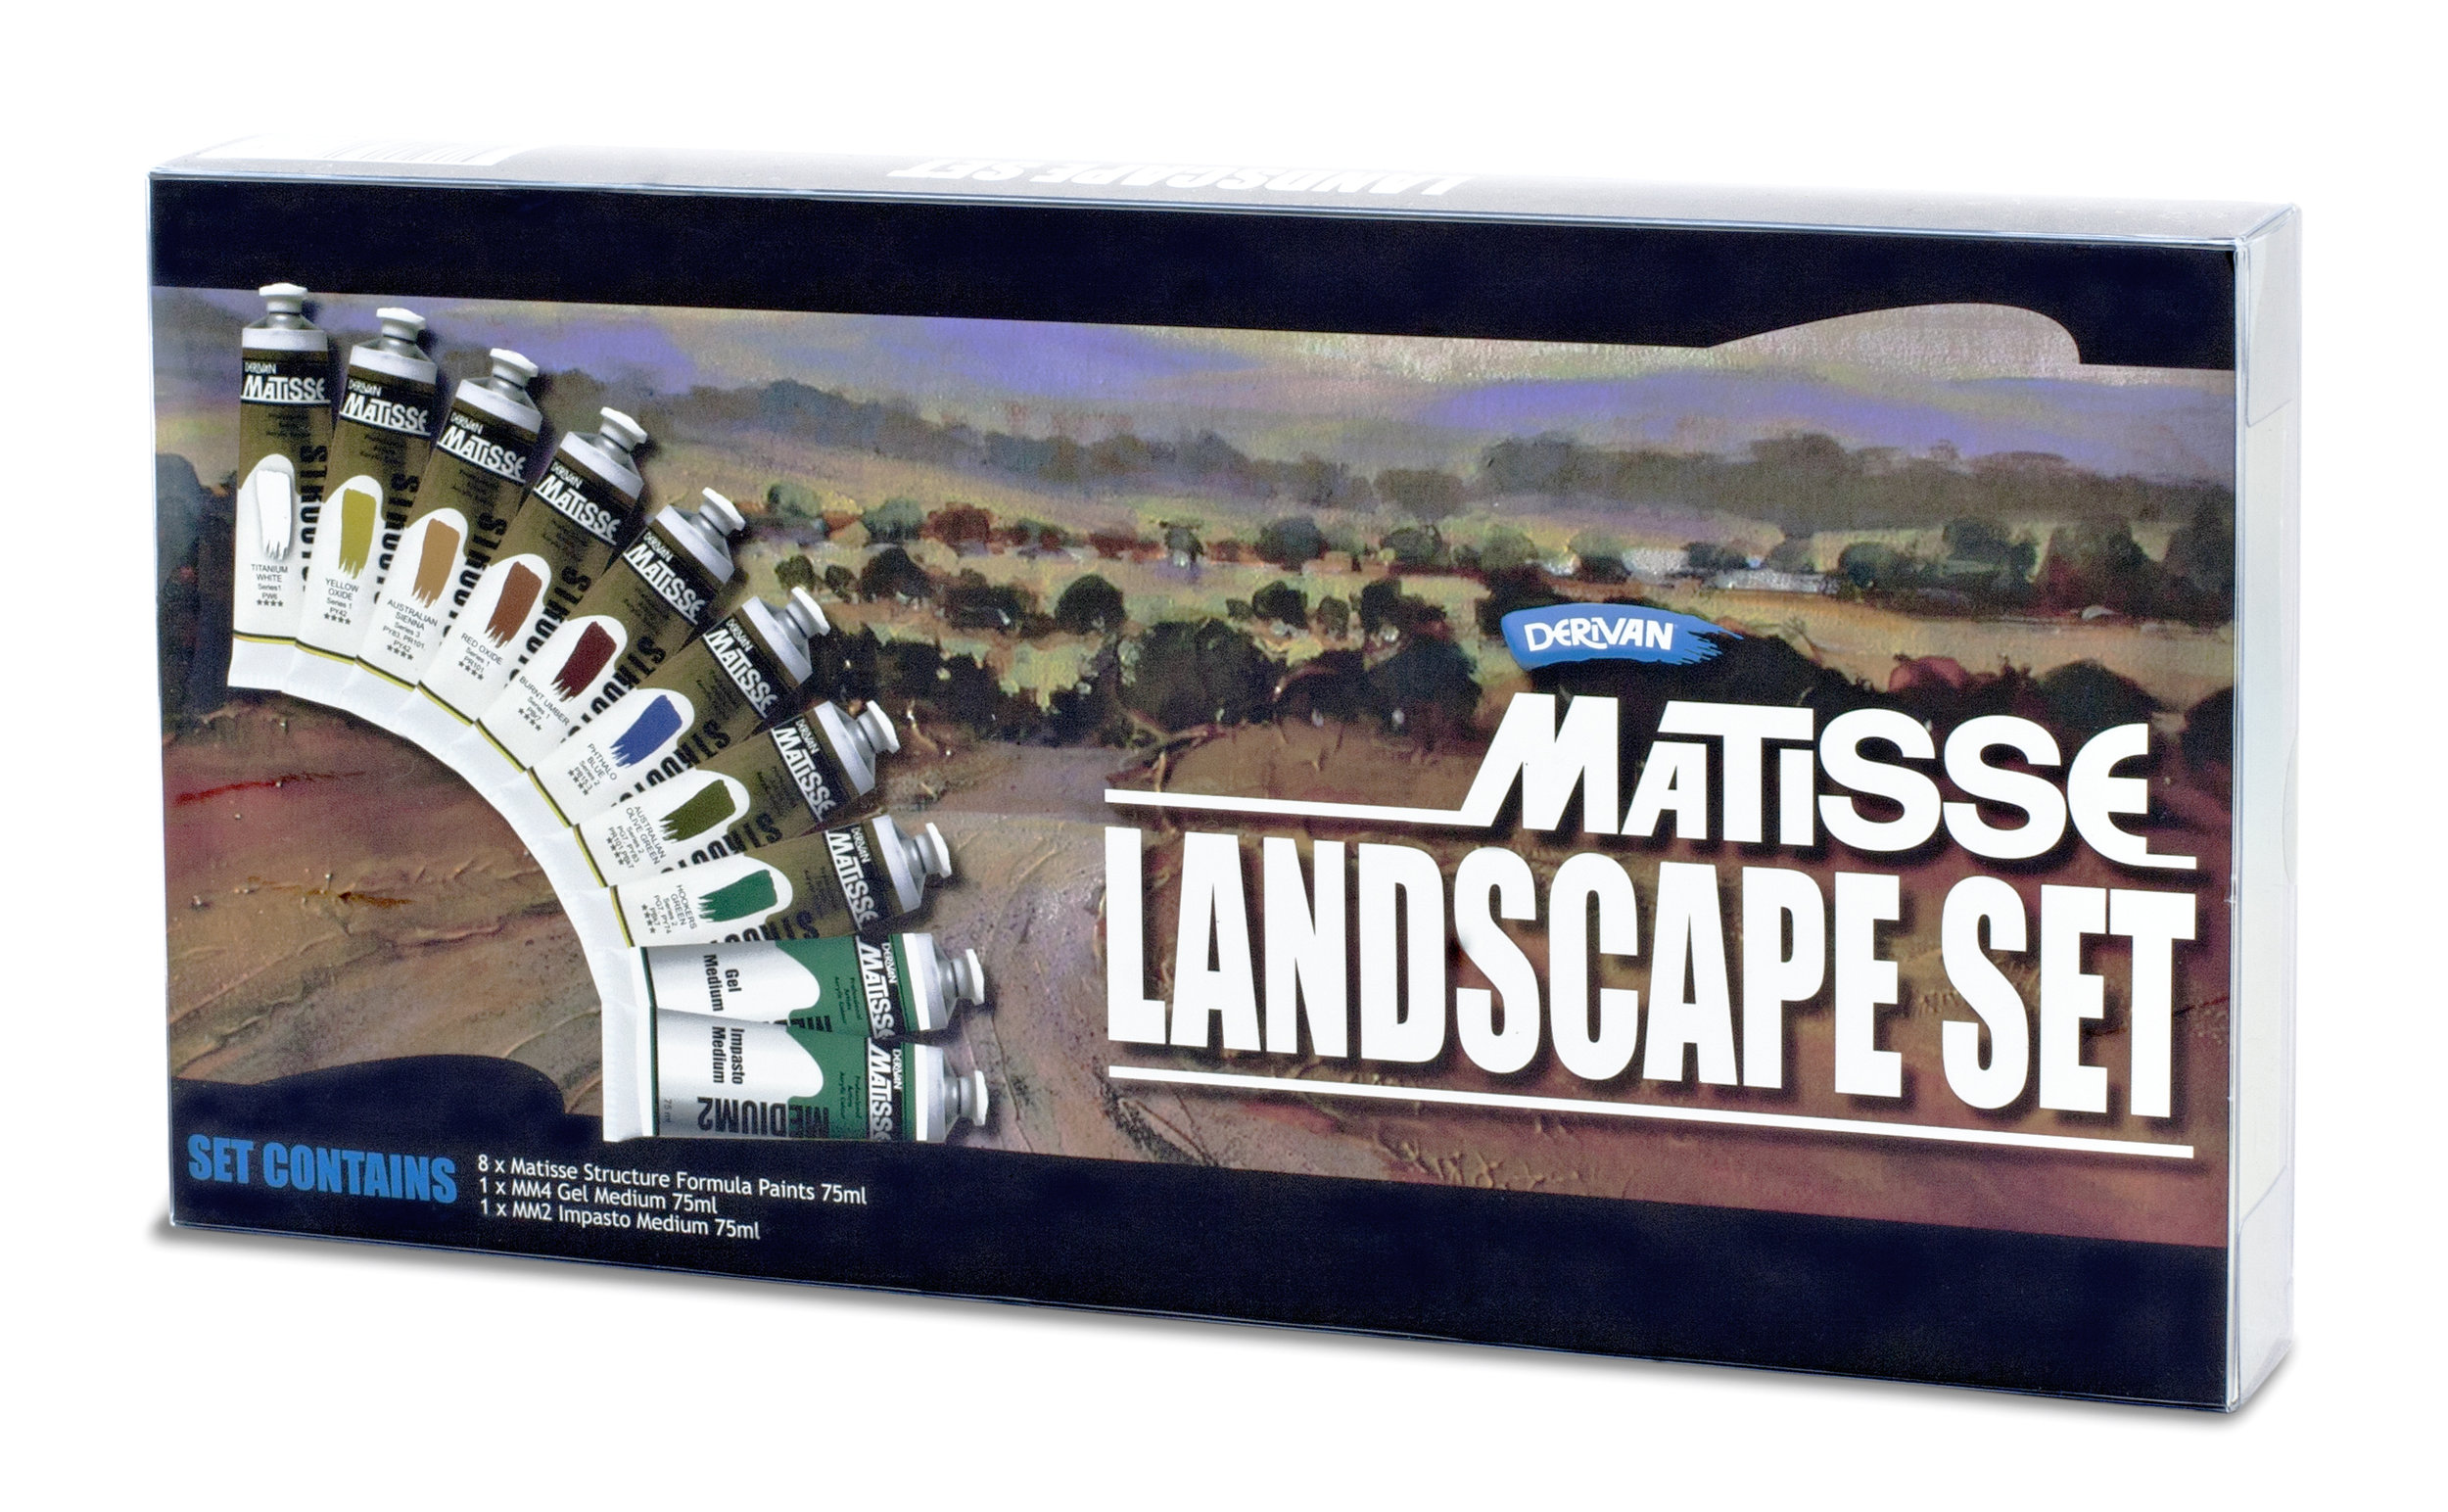 MATISSE LANDSCAPE SET - STRUCTURE FORMULA